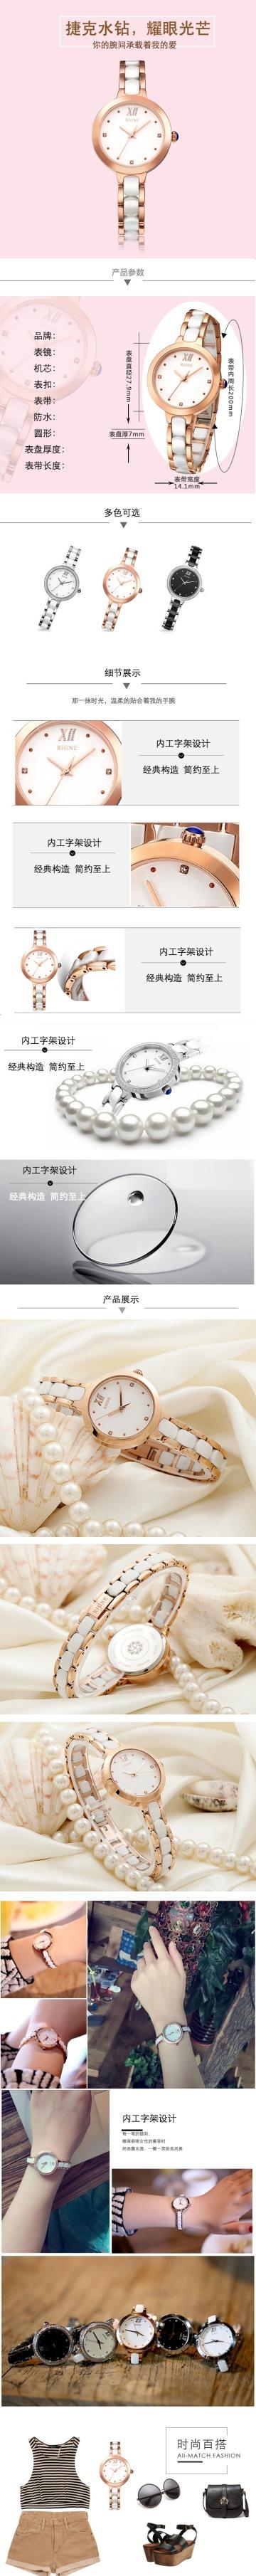 简约时尚浪漫手表电商详情图